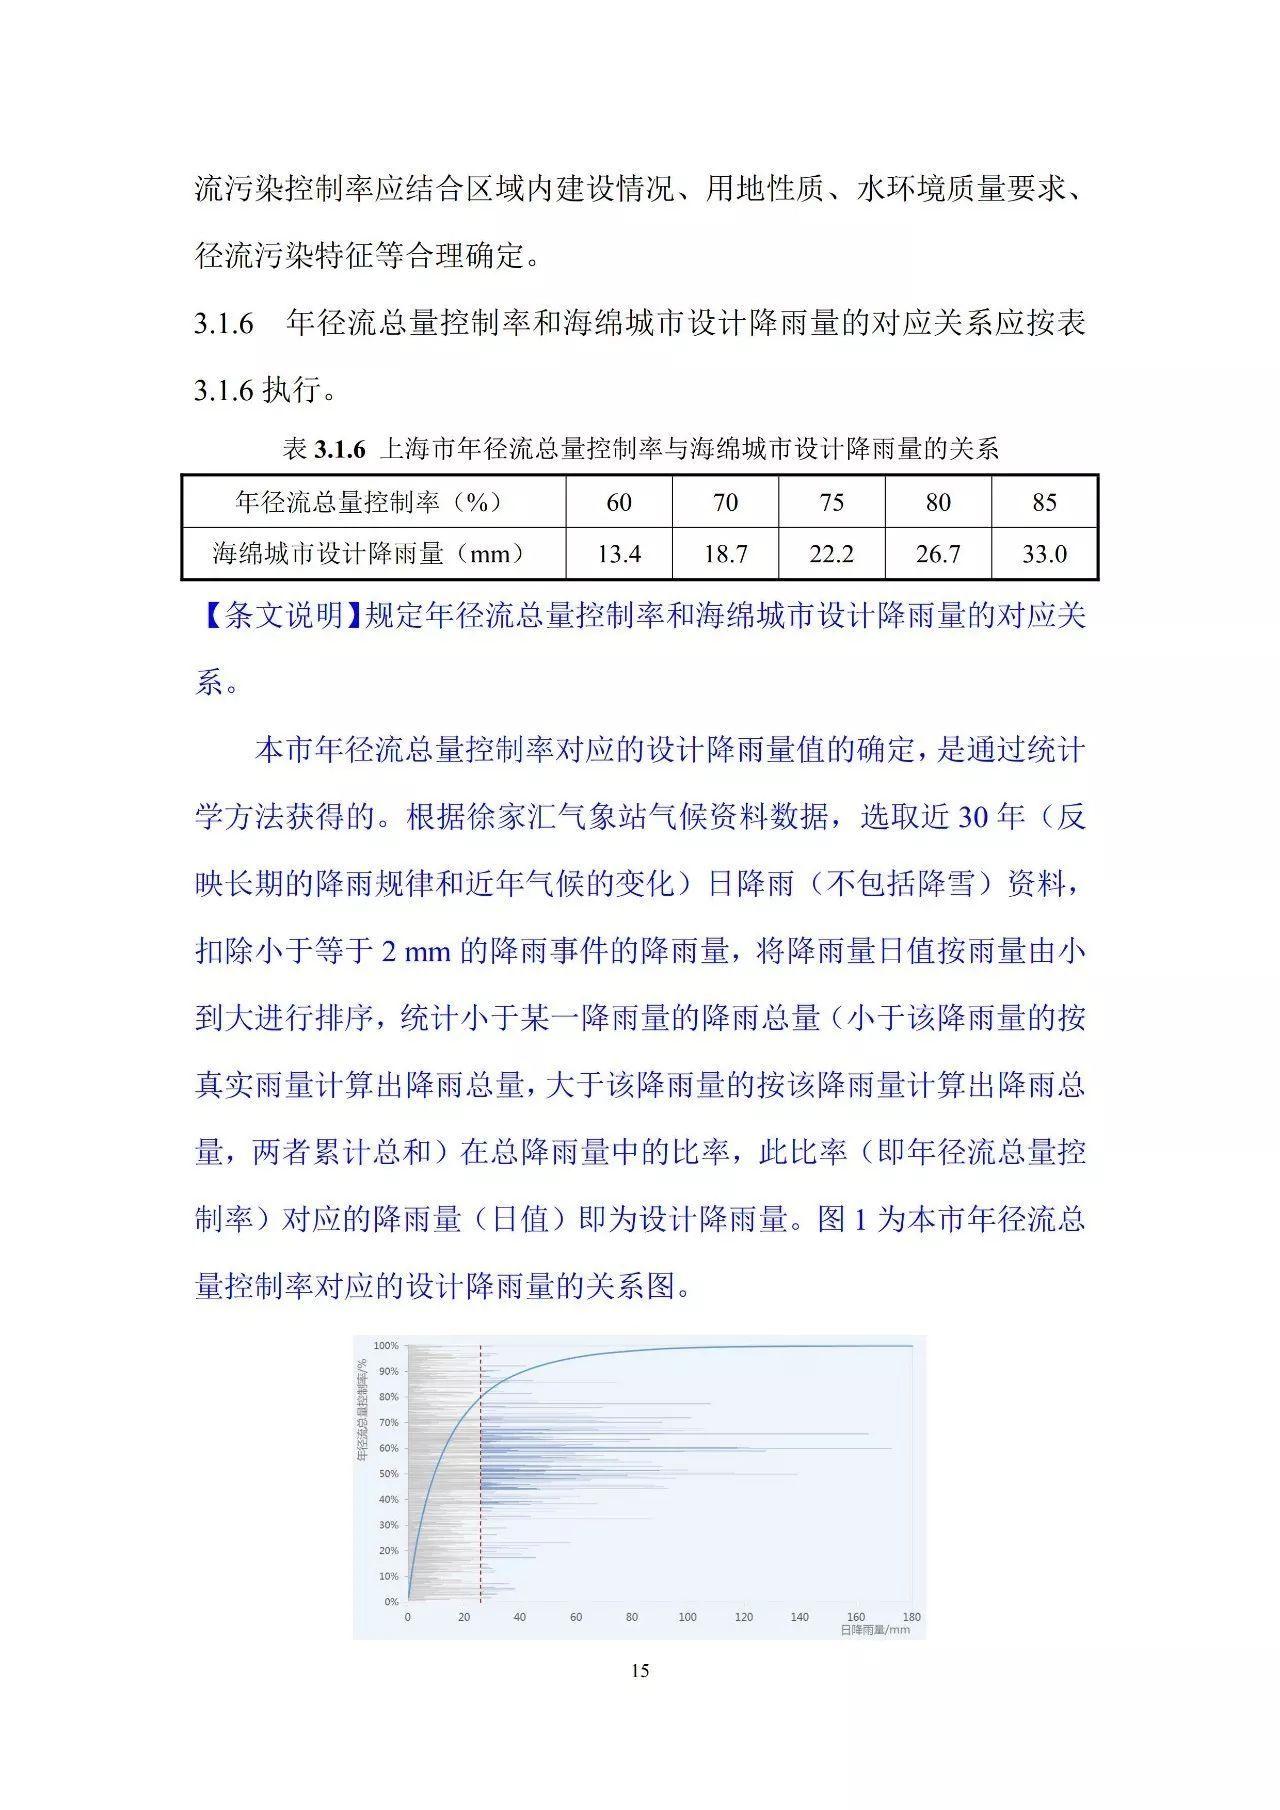 《上海市海绵城市建设技术规程》